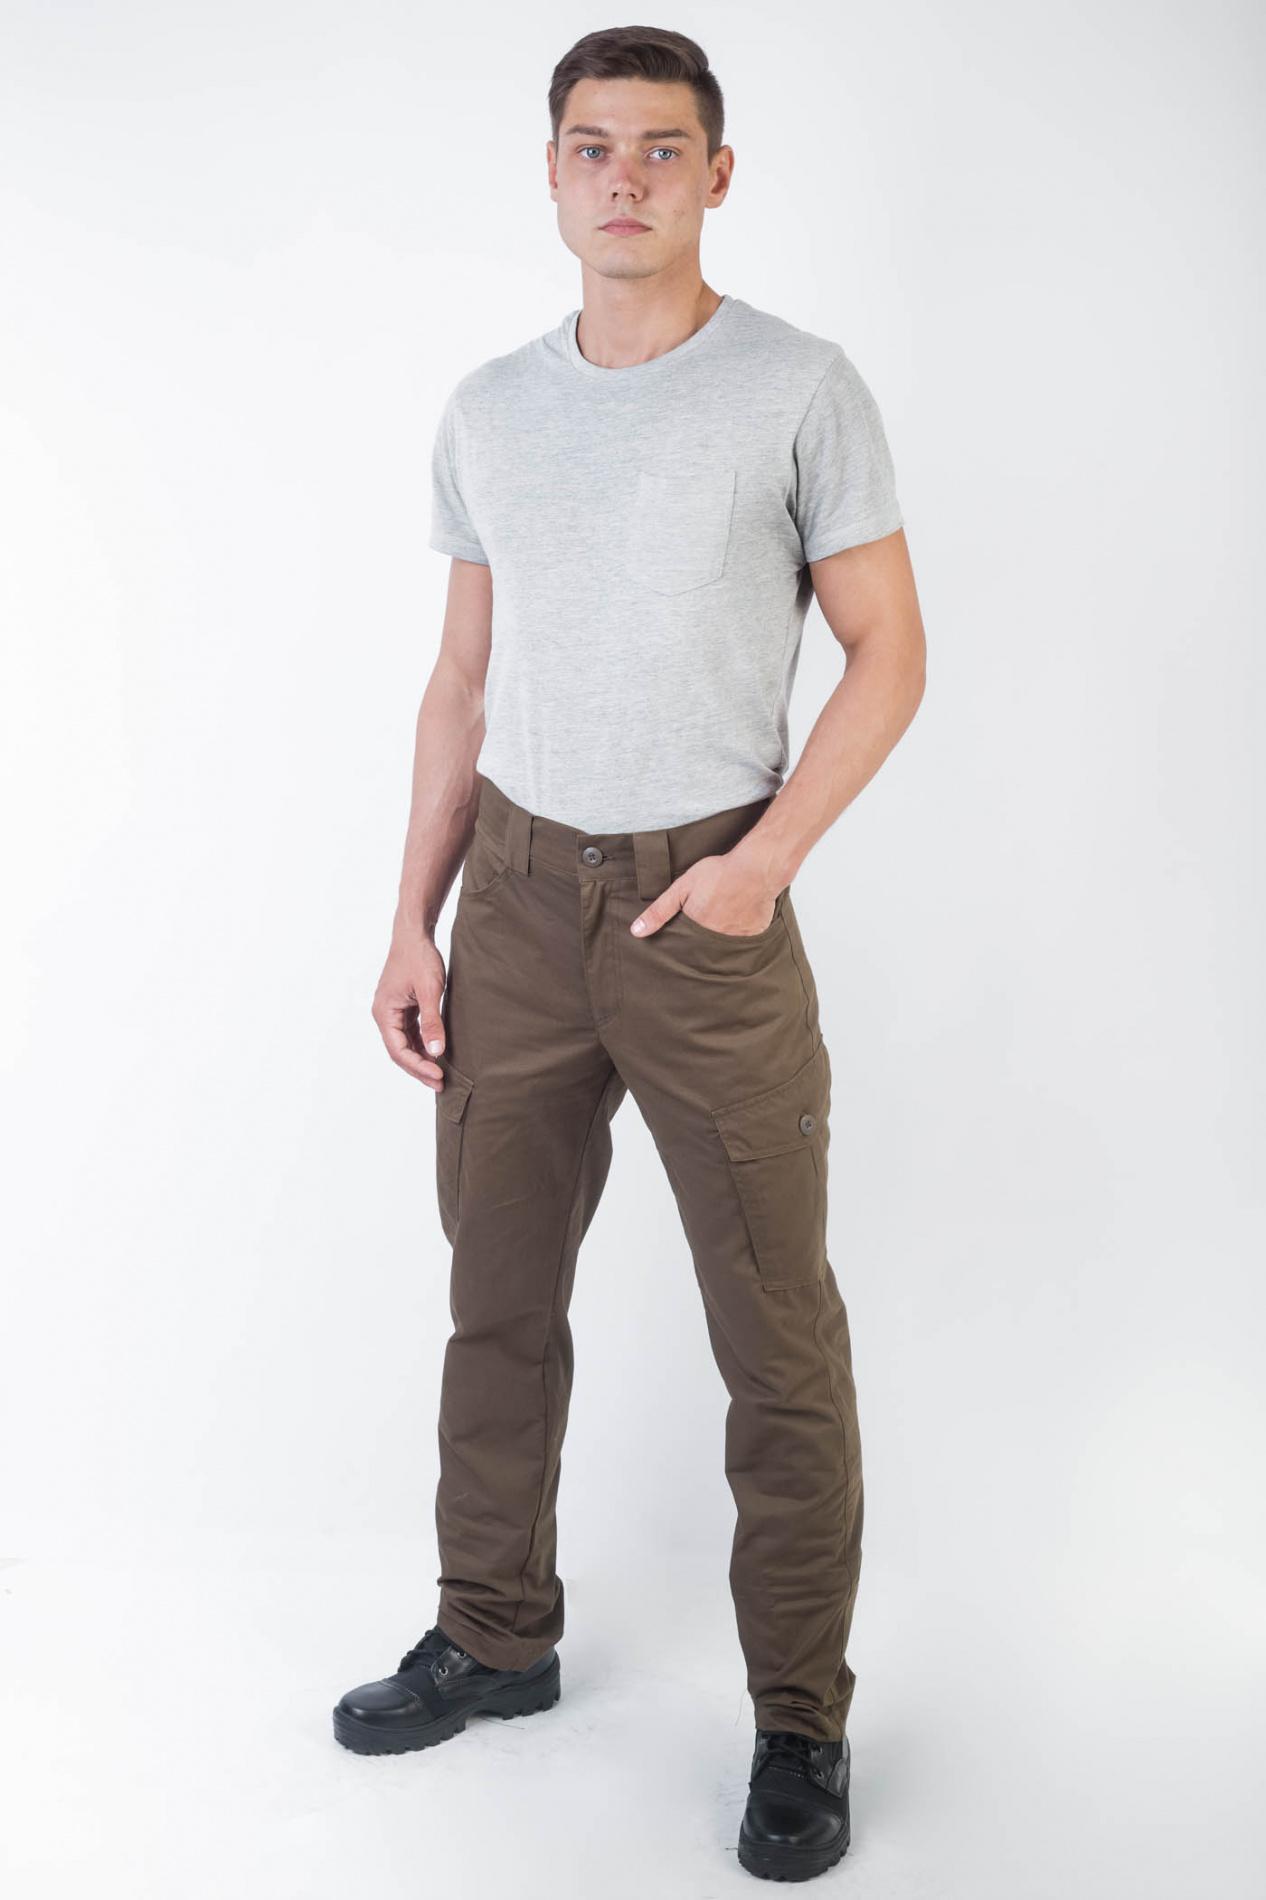 Брюки Беркут Коричневые(хлопок) TRITON (60-62/182-188)Брюки неутепленные<br>Удобные универсальные брюки, разработанные <br>для повседневной носки и активного отдыха <br>в летний период. Не стесняющие движения, <br>изготовленные из качественного материала <br>Рип Стоп. ОСОБЕННОСТИ: 1) Брюки прямые; <br>2) Пояс со шлёвками для ношения ремня; 3) 4 <br>функциональных кармана; 4) Кокетка на задней <br>половинке; 5) Застёжка-гульфик на молнии <br>с пуговицей. <br><br>Пол: мужской<br>Размер: 60-62<br>Рост: 182-188<br>Сезон: лето<br>Цвет: коричневый